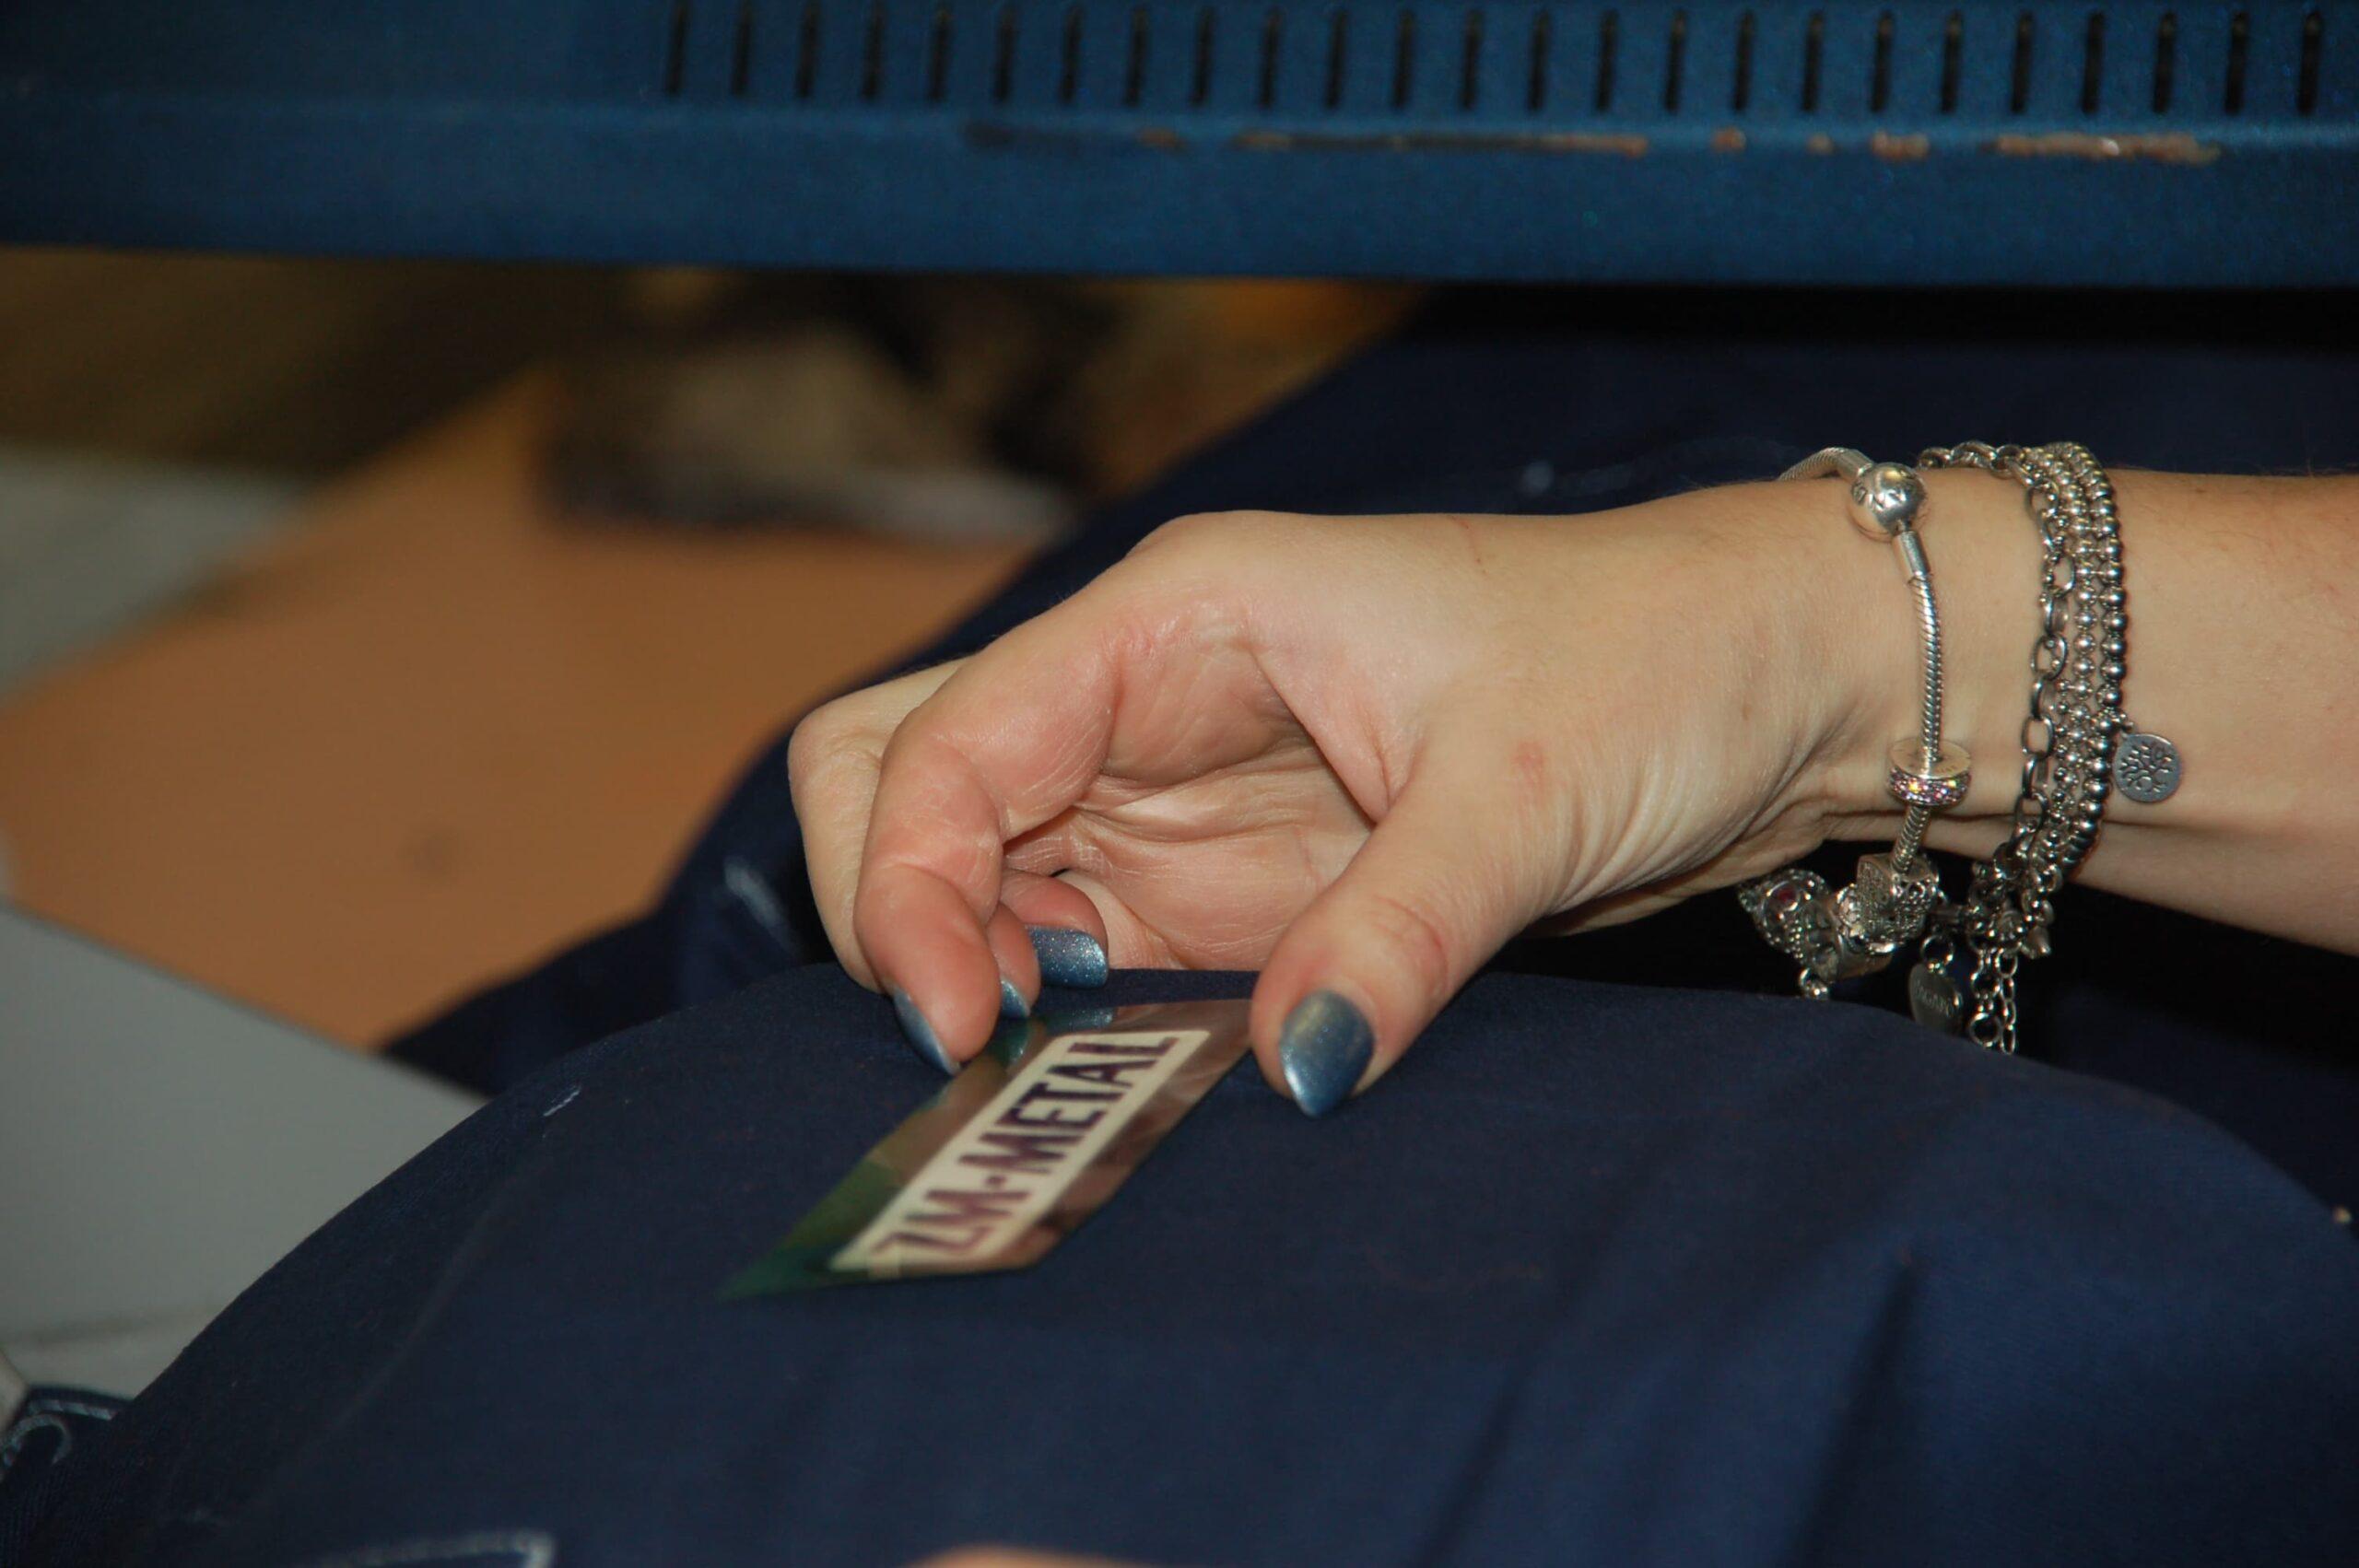 stampa digitale e applicazione di etichette pressofuse